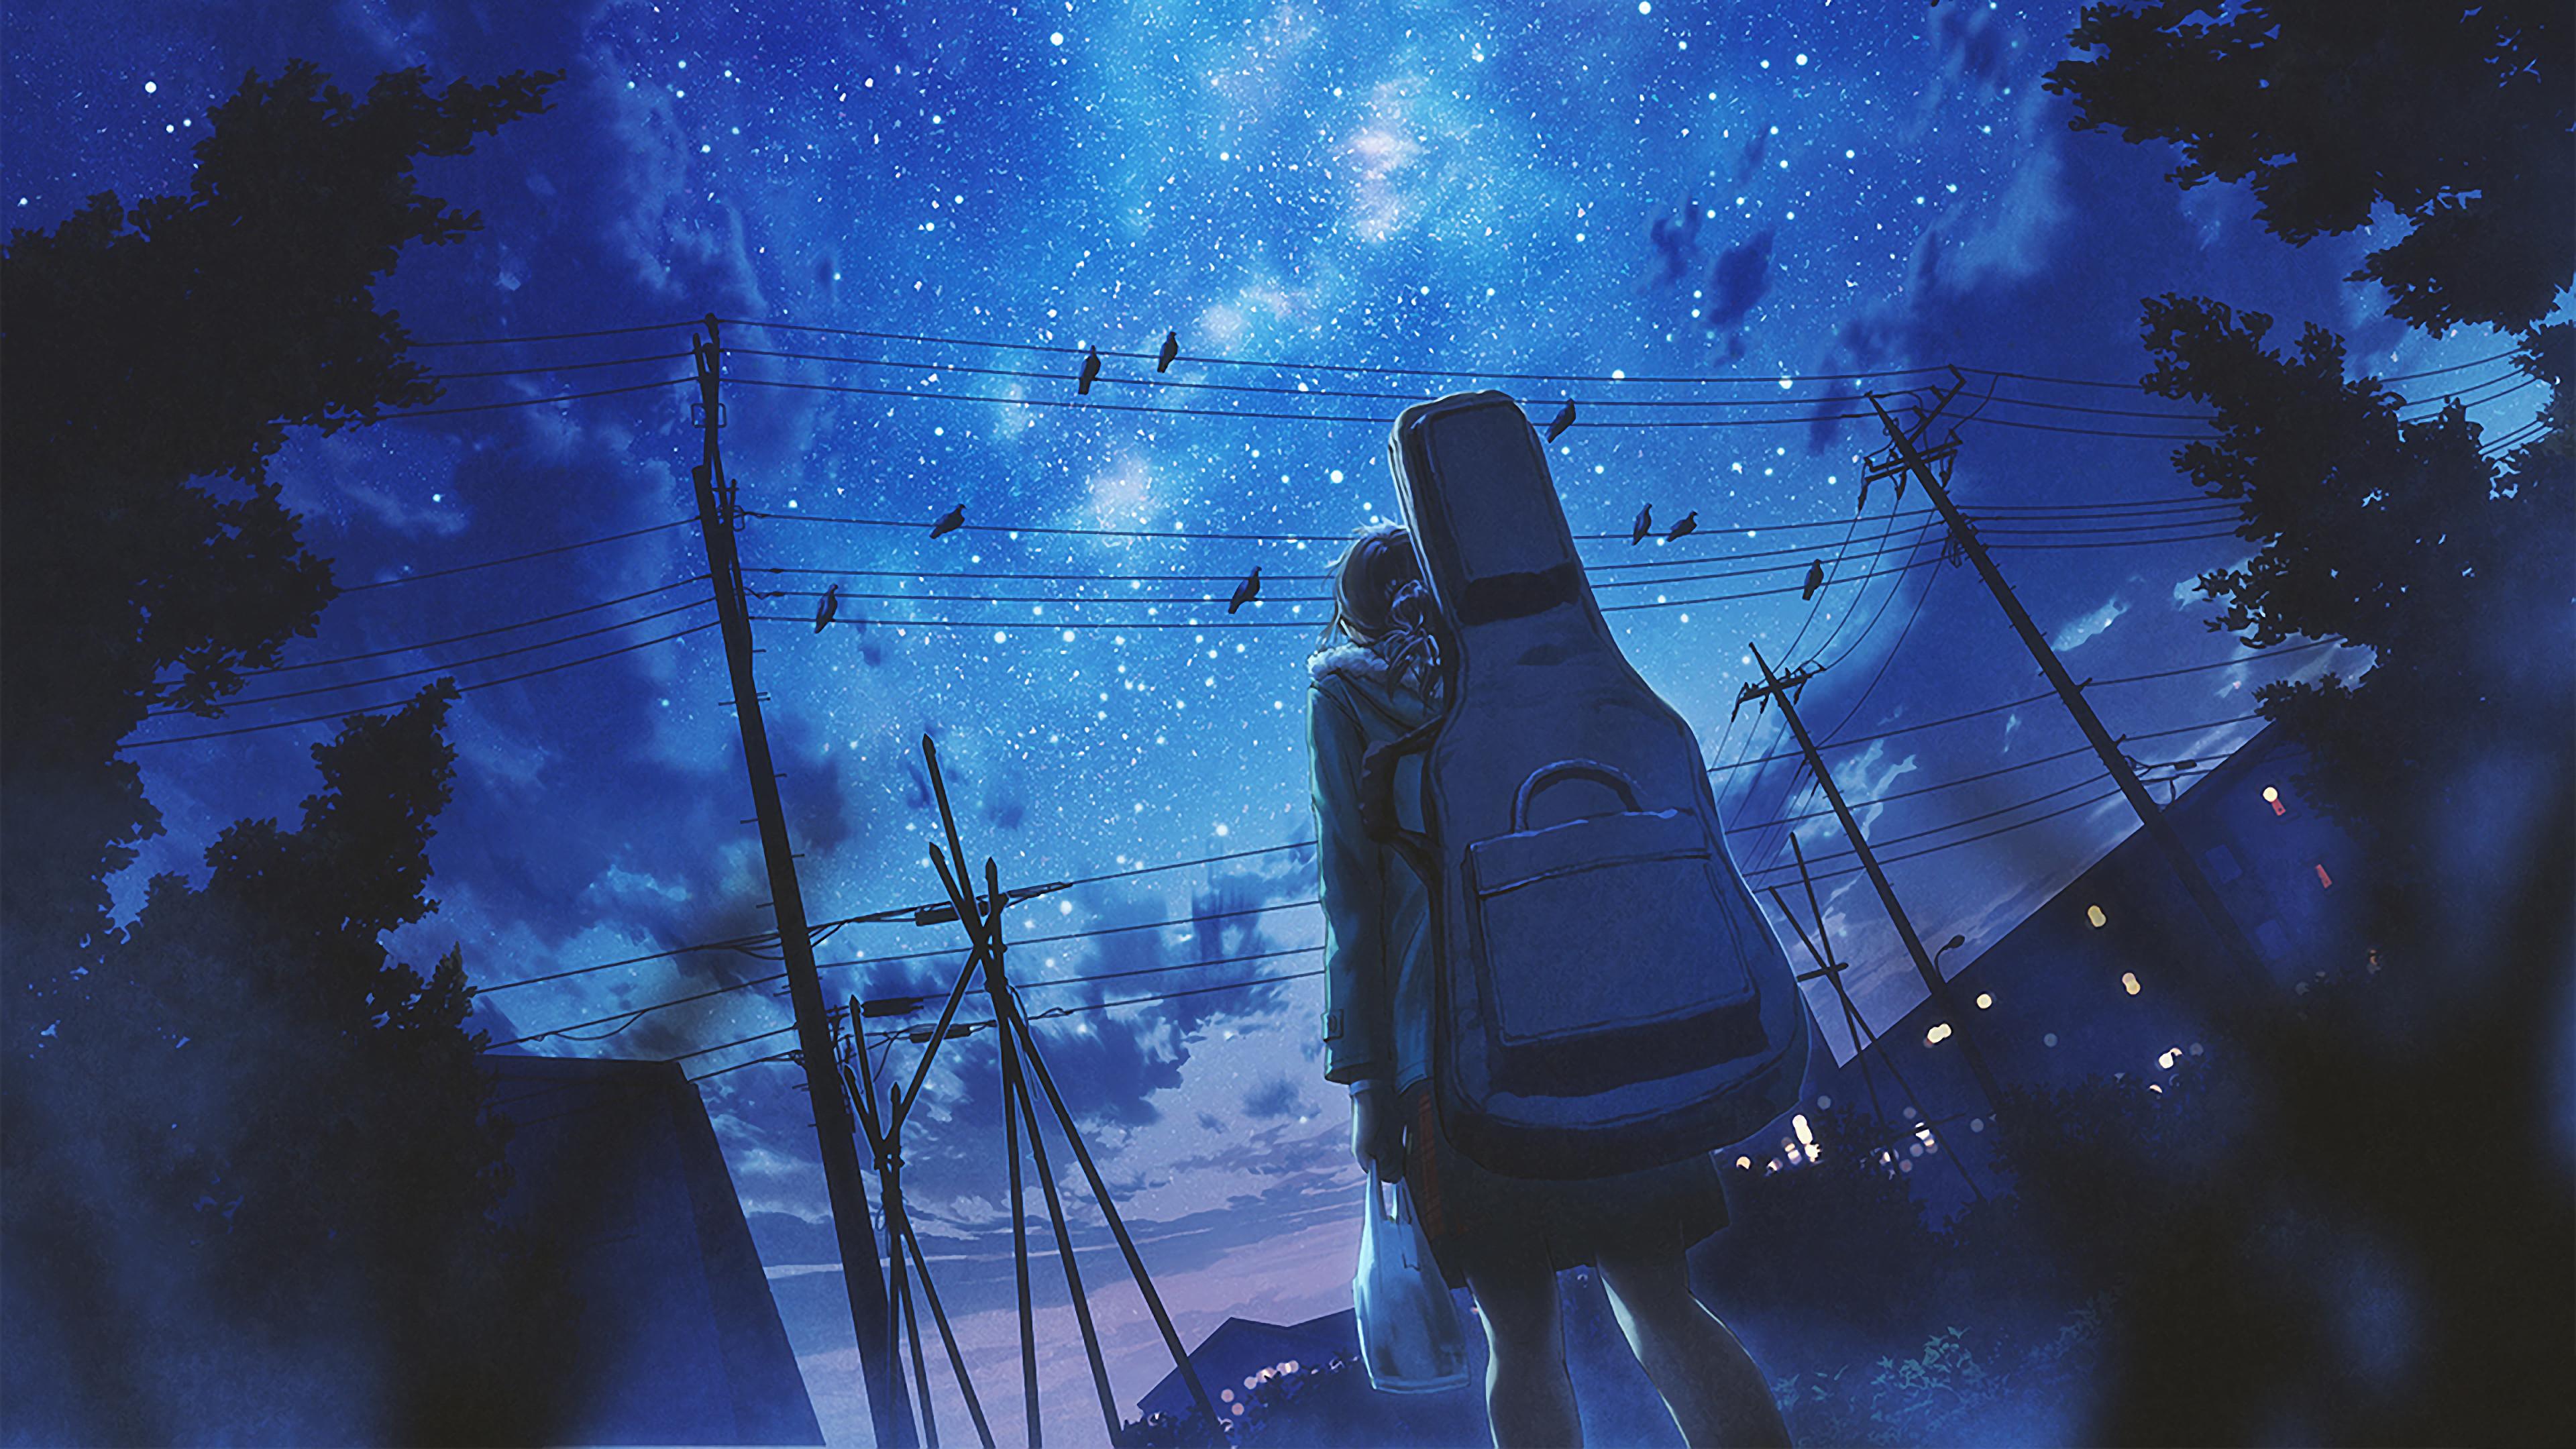 Anime, Girl, Night, Sky, Stars, 4K, #157 Wallpaper